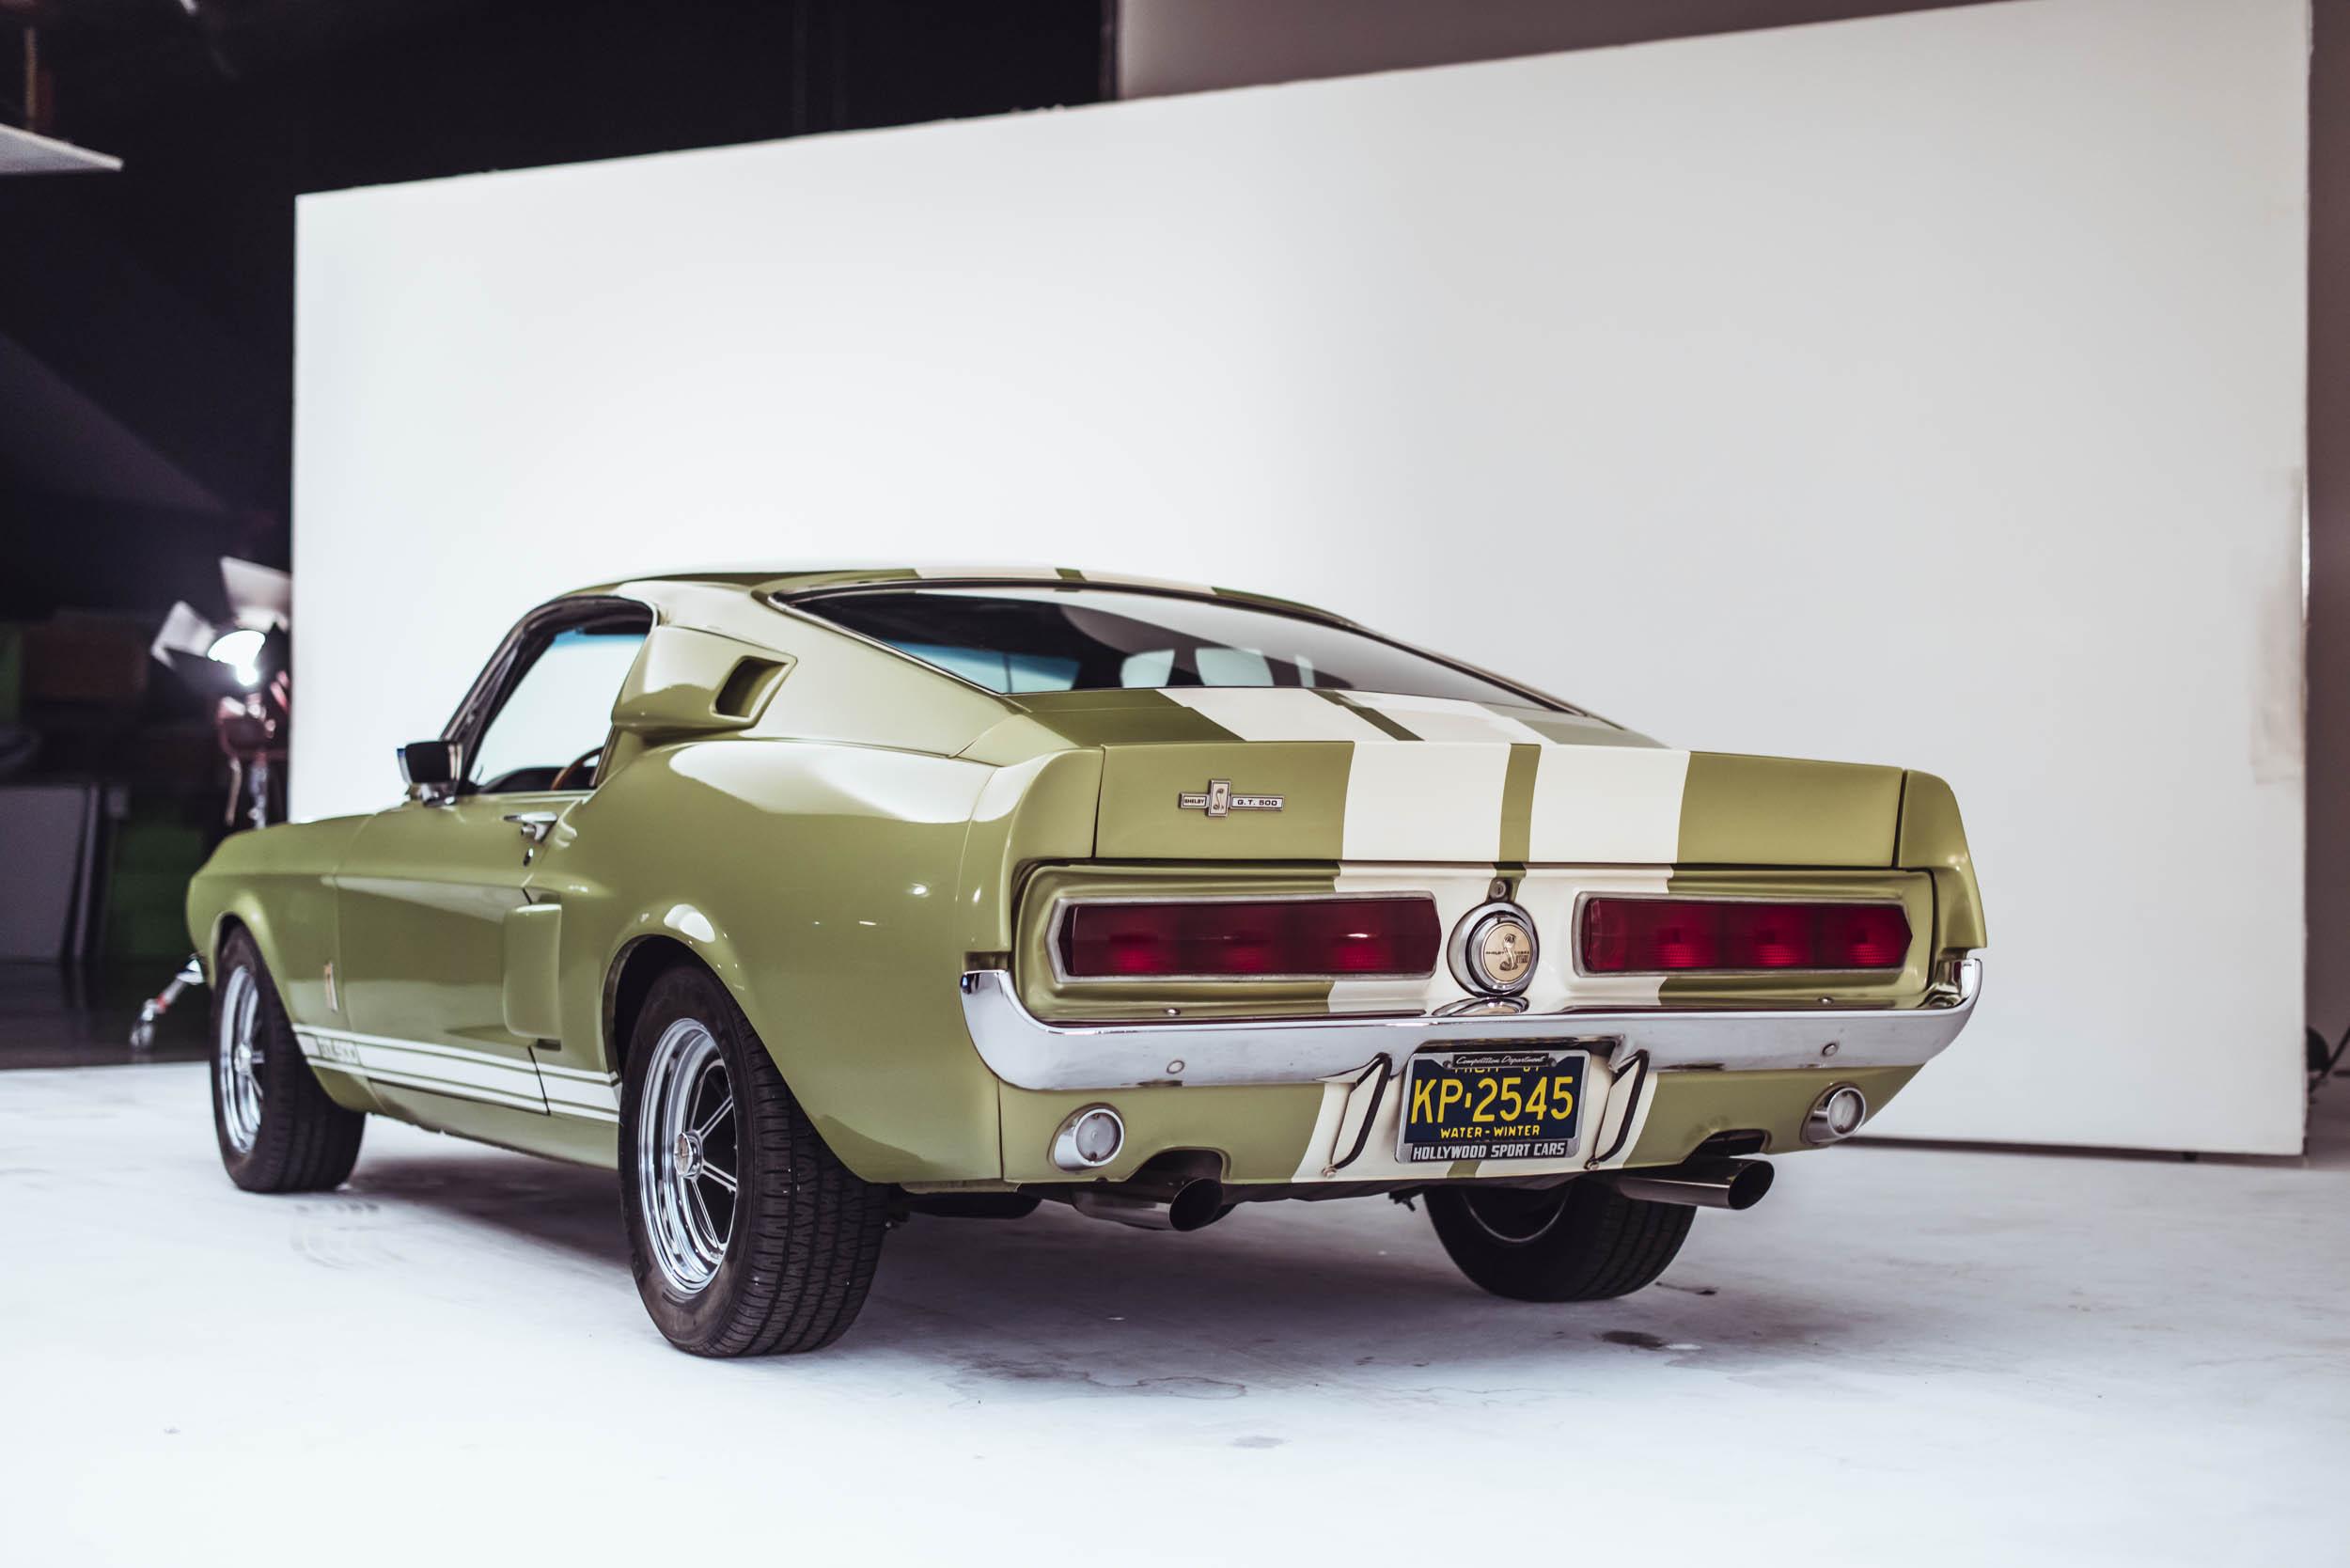 1967 Shelby GT500 rear